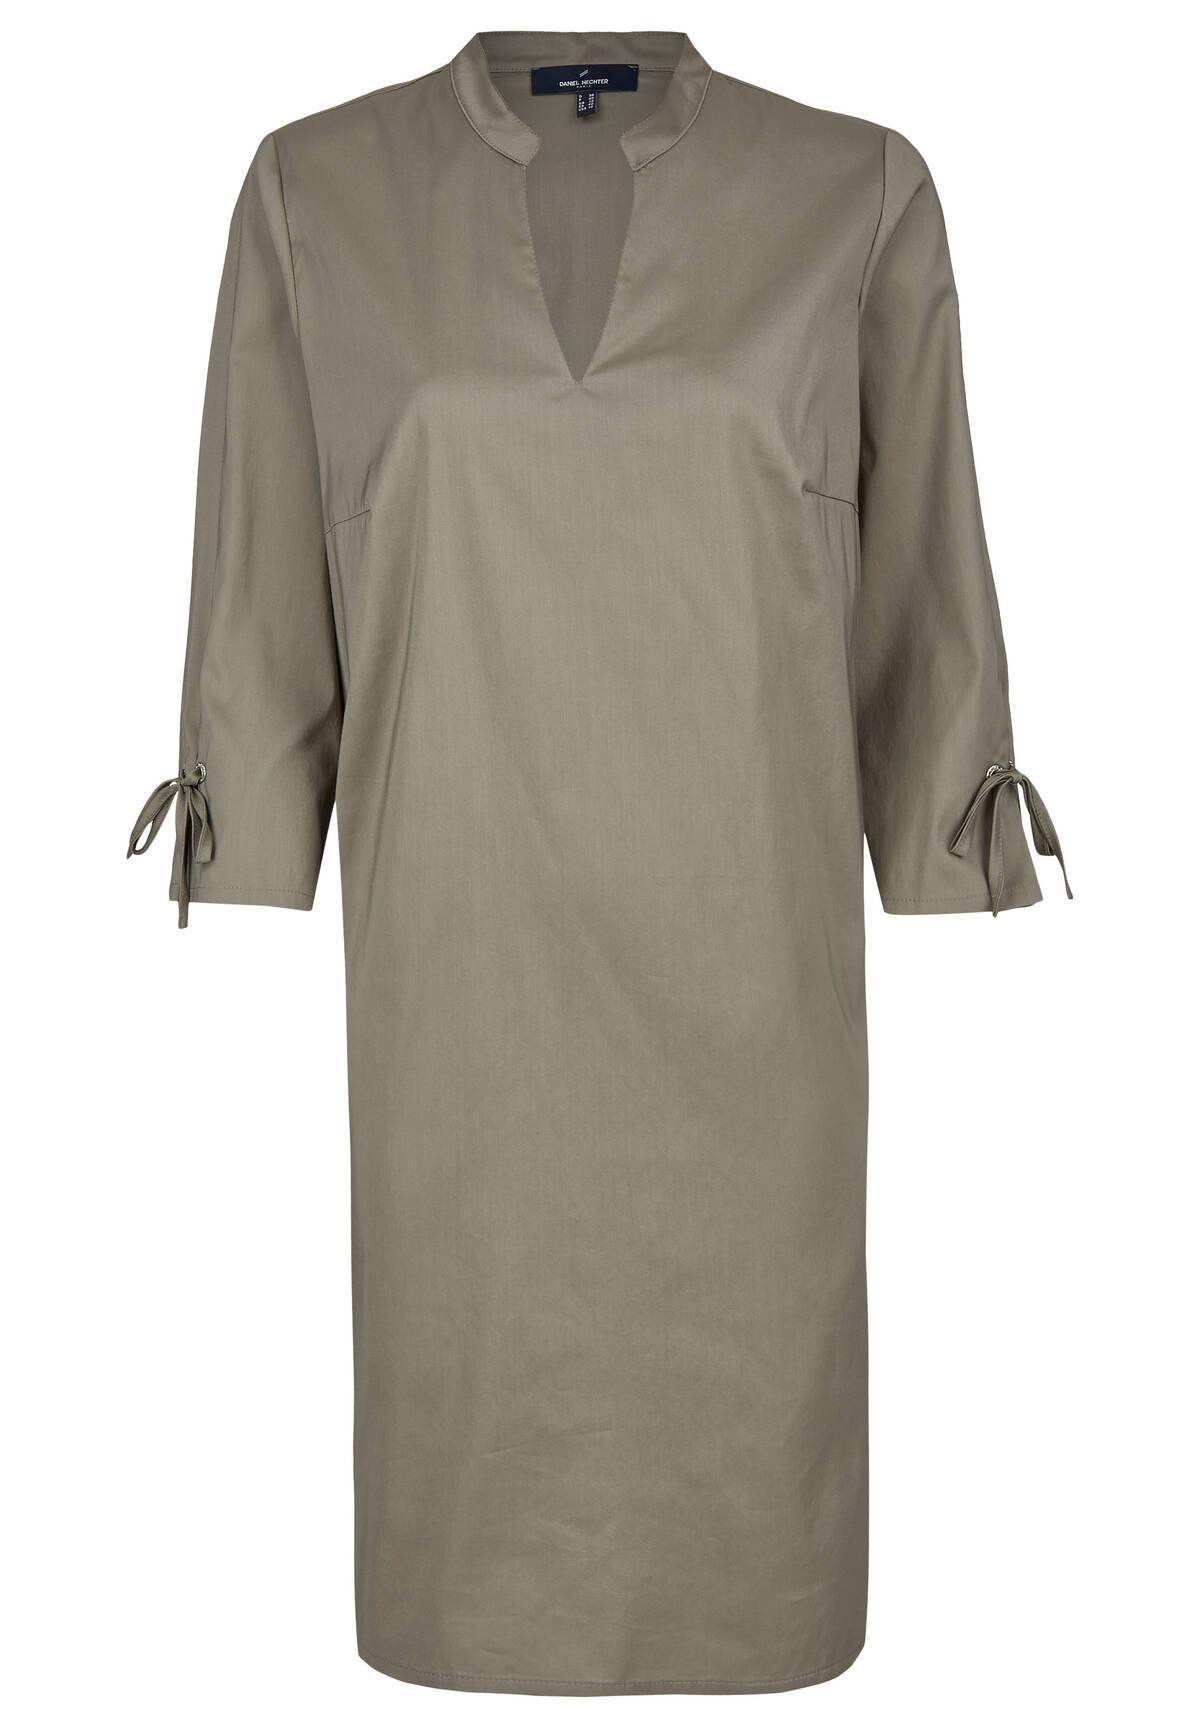 Kleid mit Stehkragen und Schleifendetails / Dress